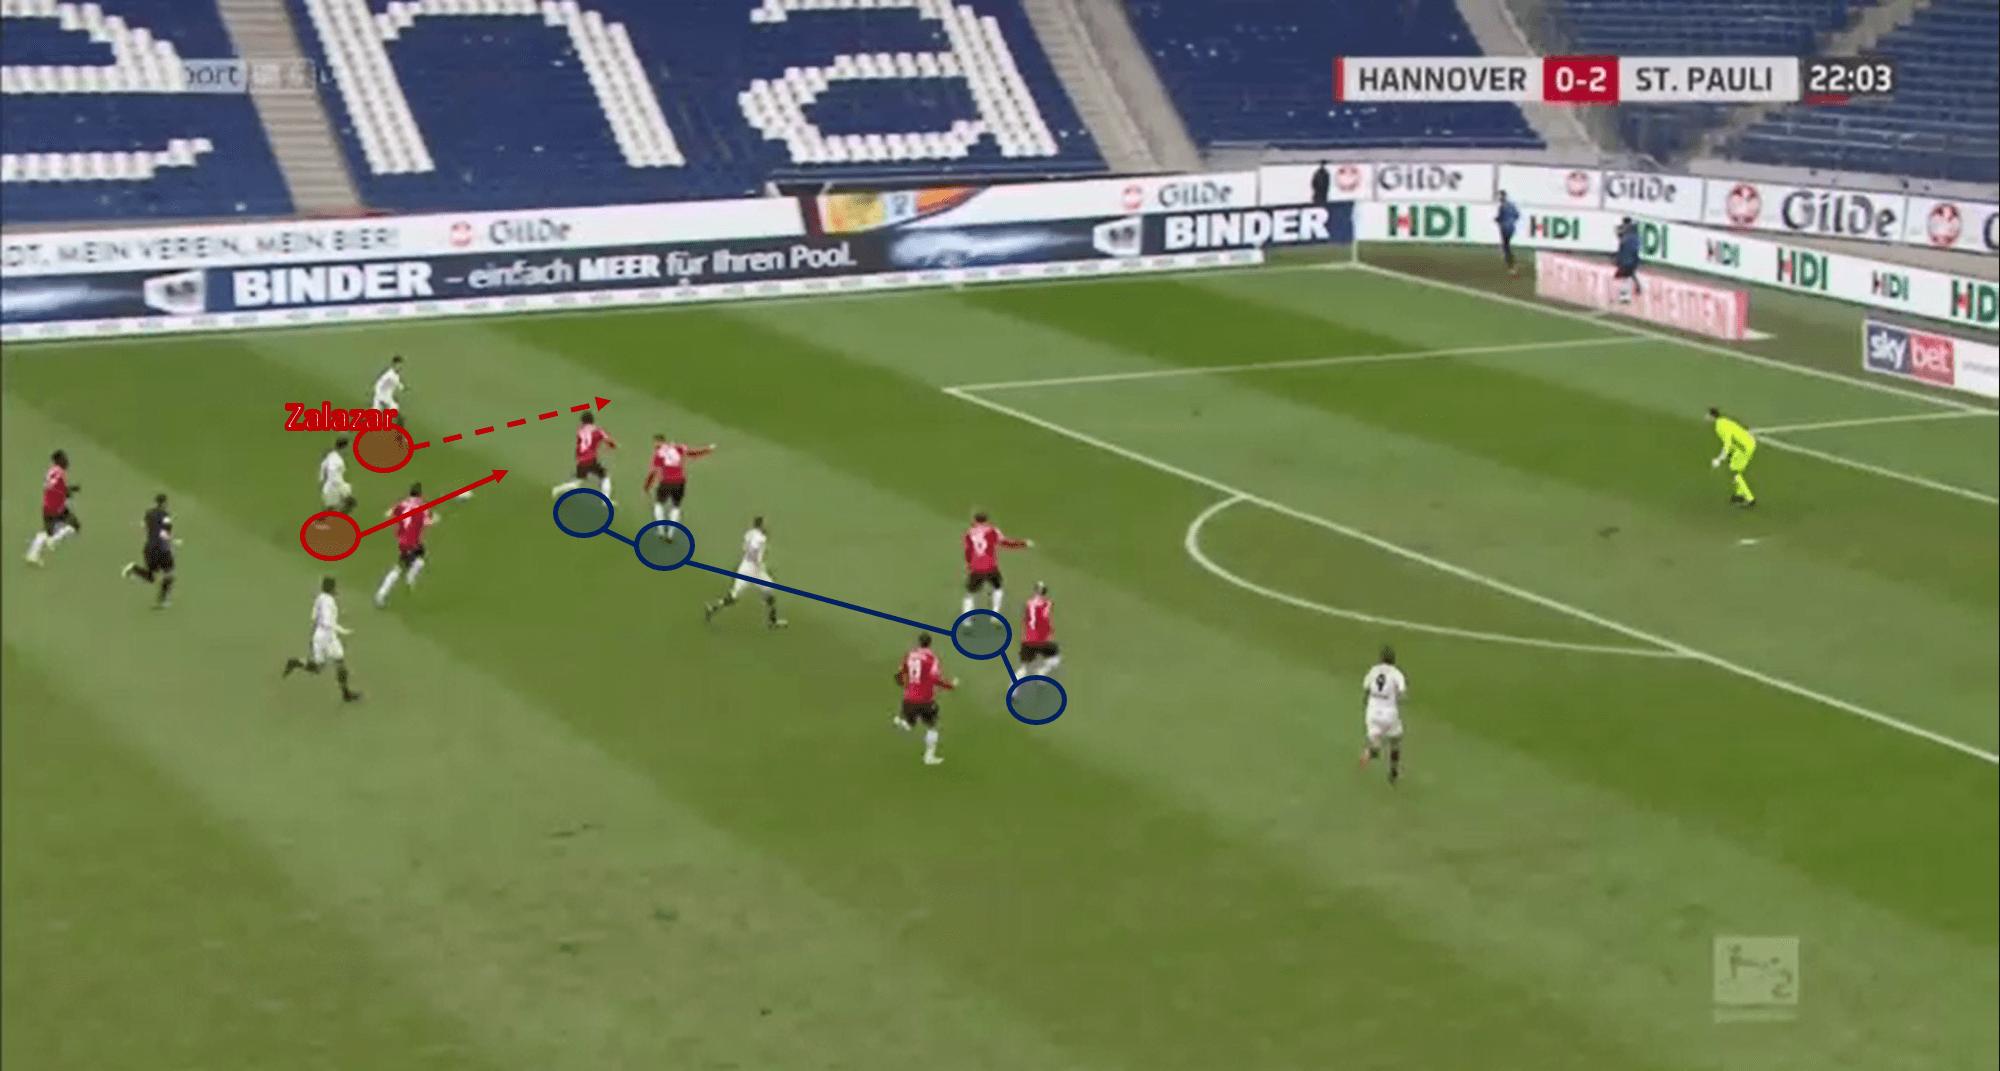 Rodrigo Zalazar at St Pauli 2020/21 - scout report - tactical analysis tactics